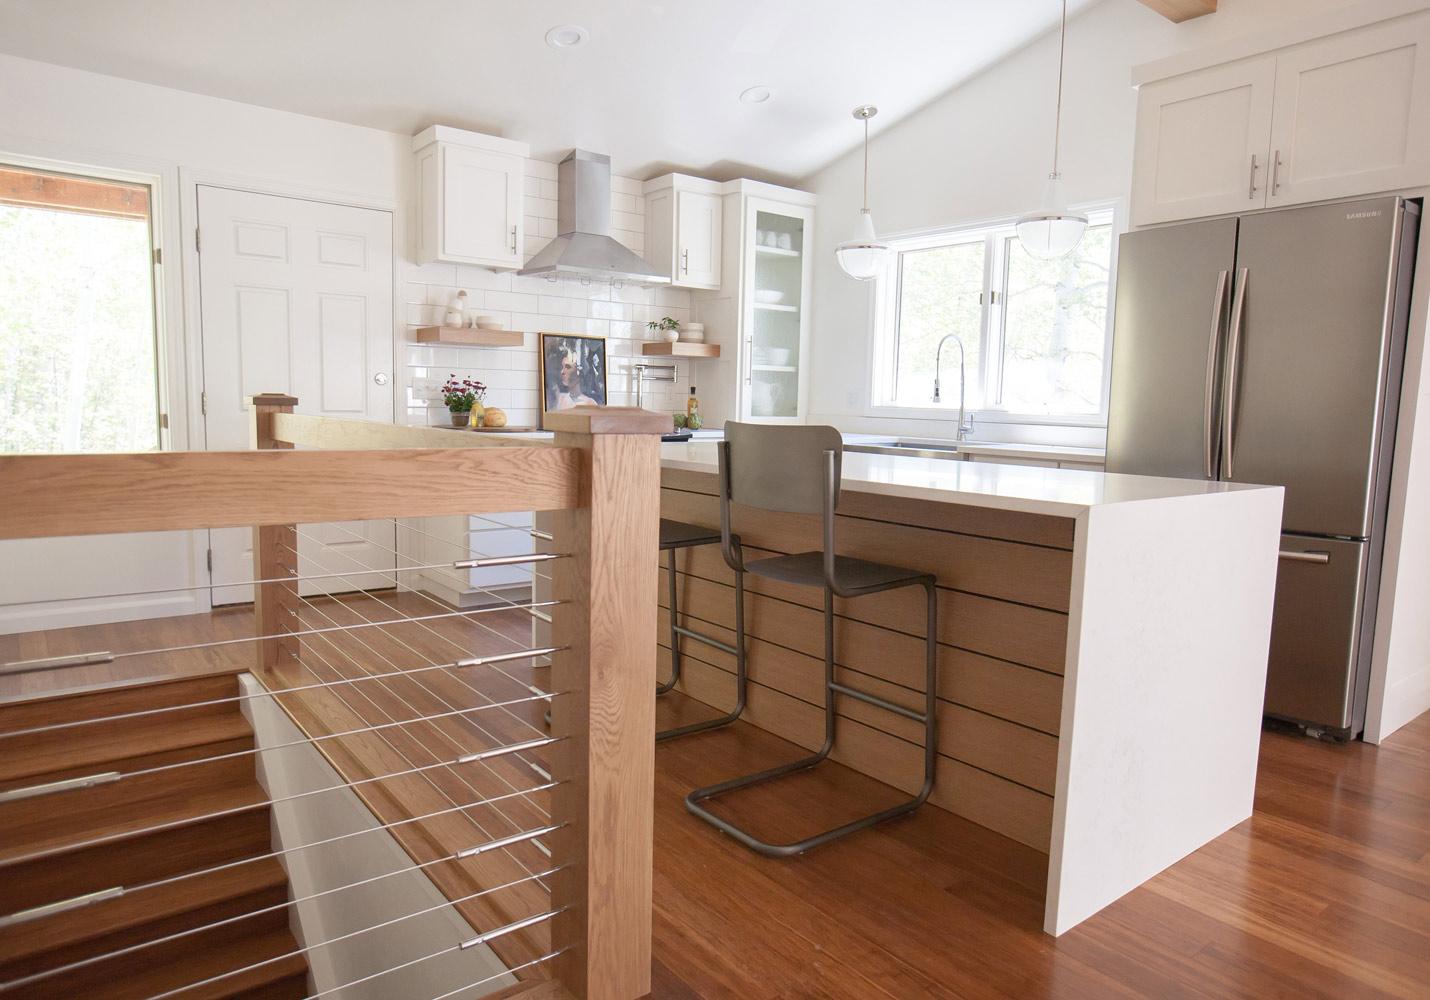 sugar-loaf-kitchen-interior-design-wyoming